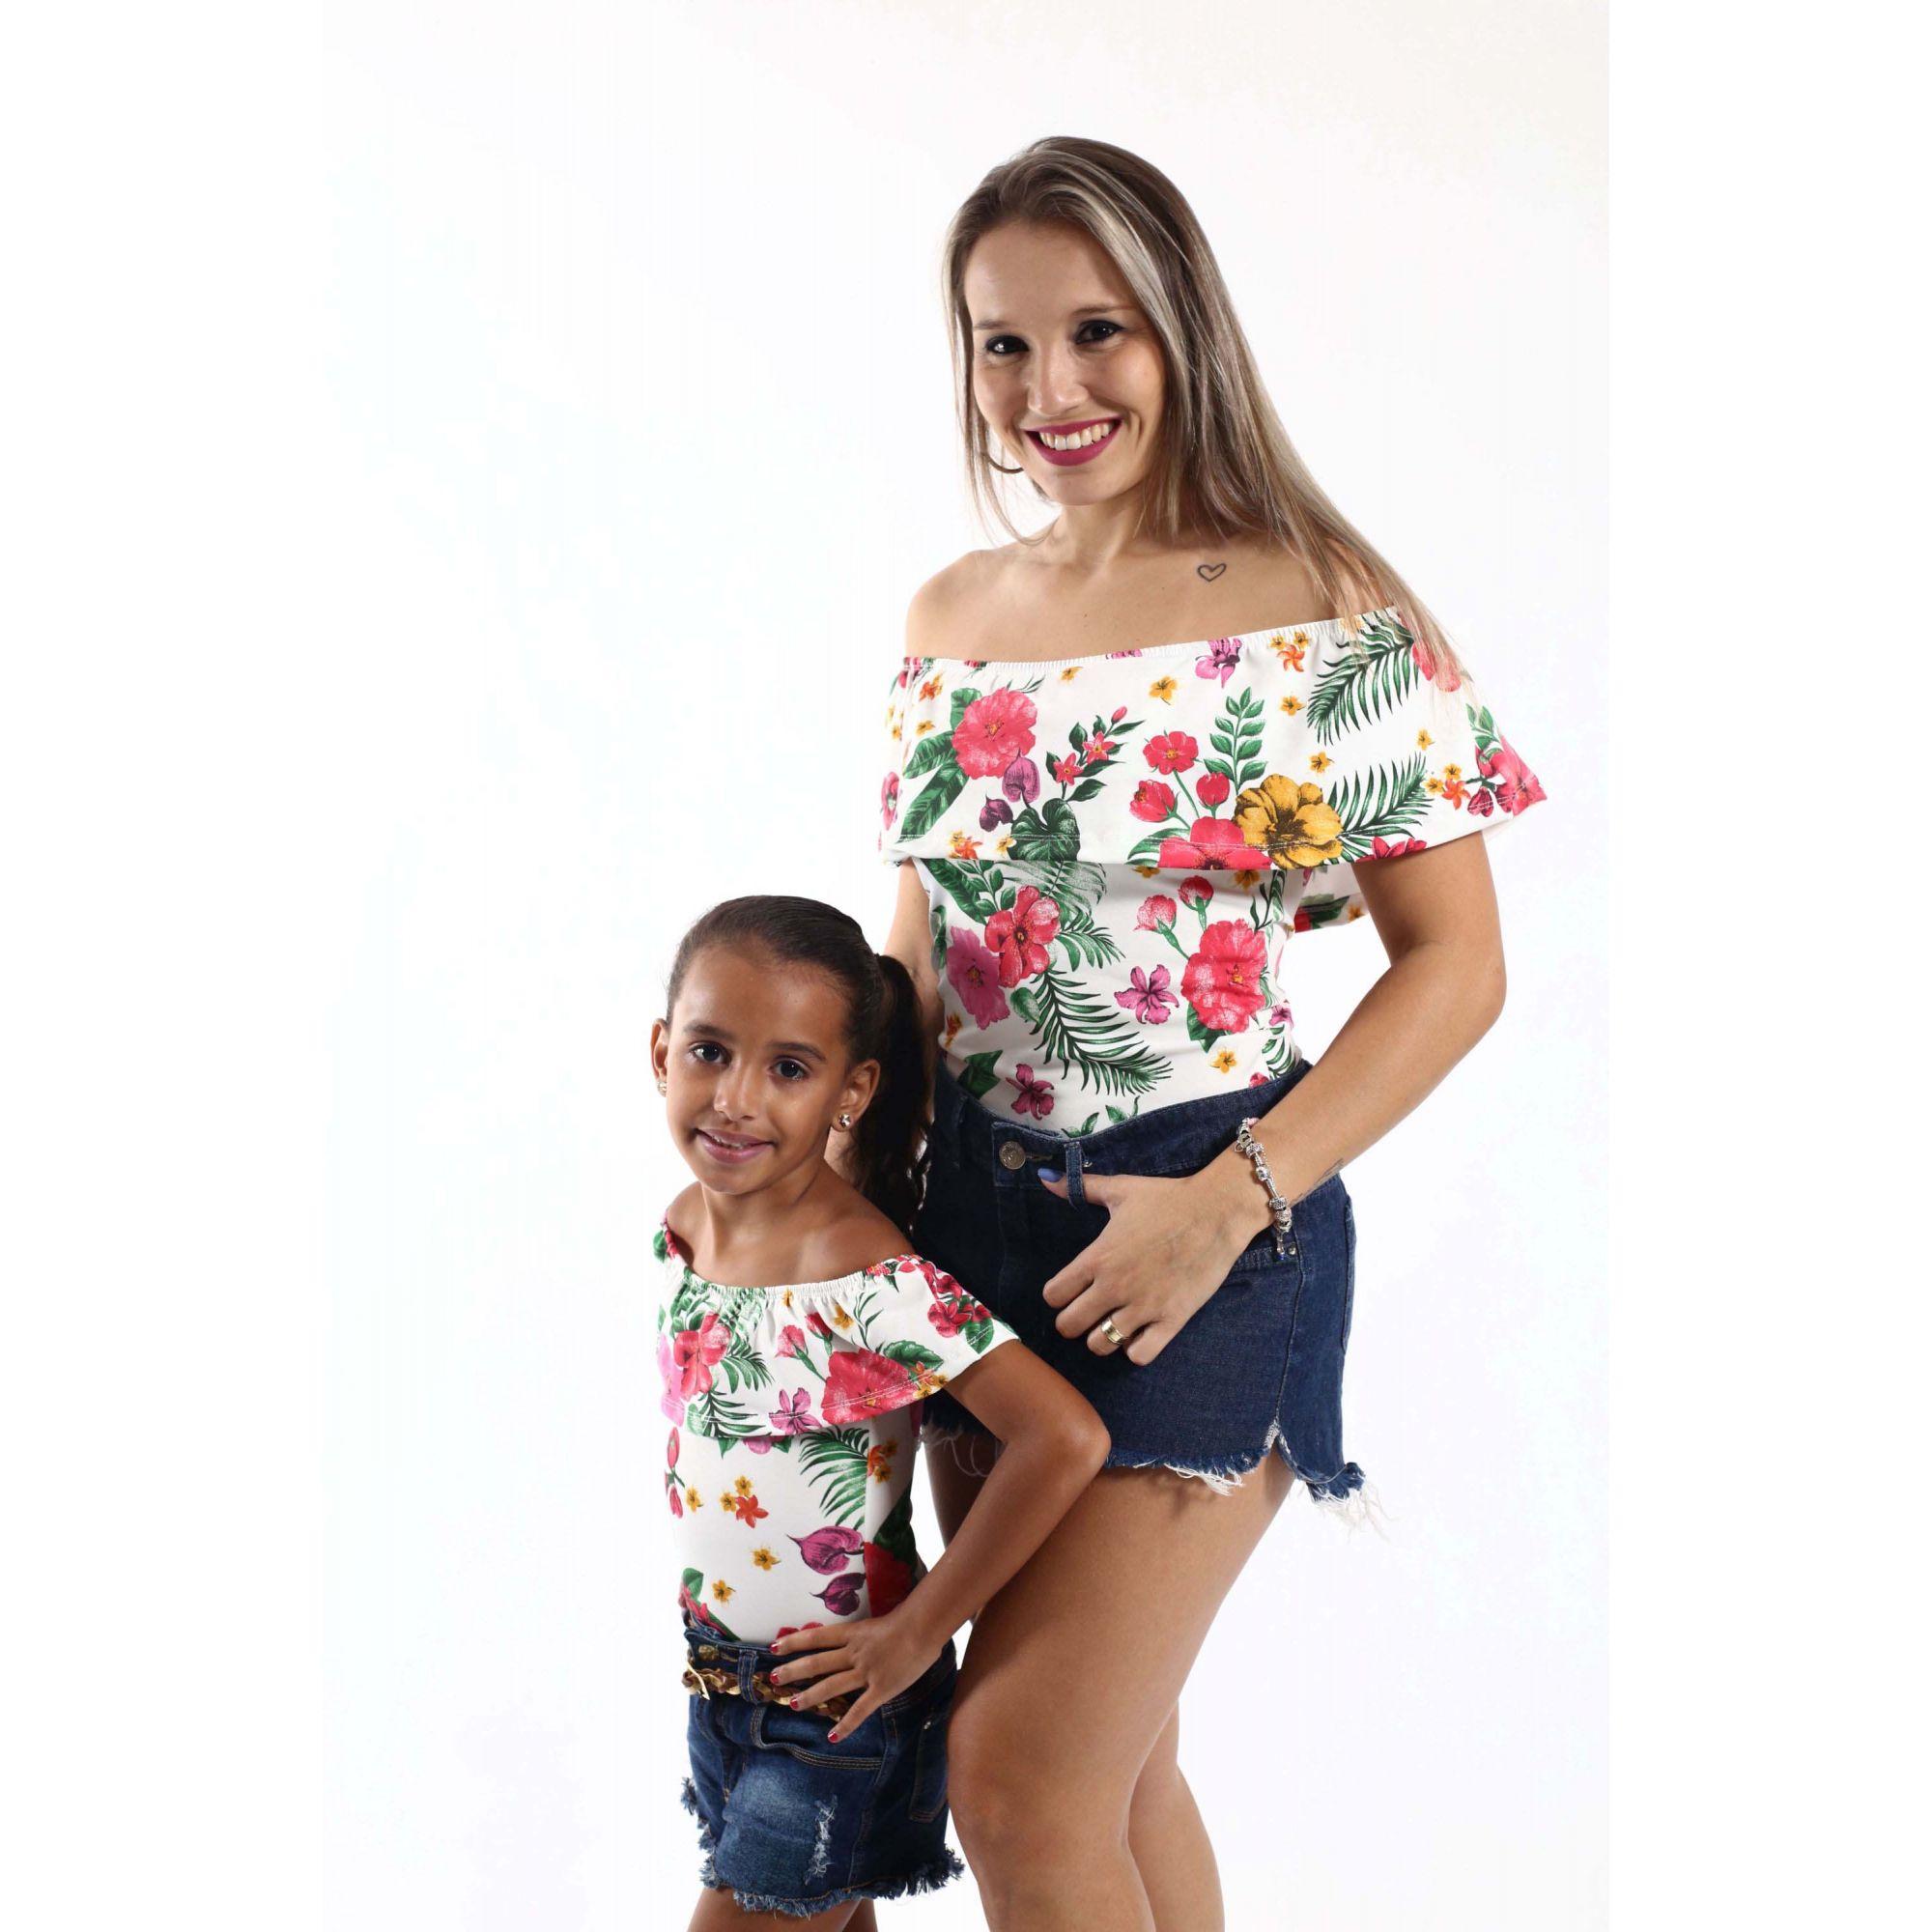 Mãe e Filha > Kit 02 Bodys Femininos Ciganinha Flores  [Coleção Tal Mãe Tal Filha]  - Heitor Fashion Brazil